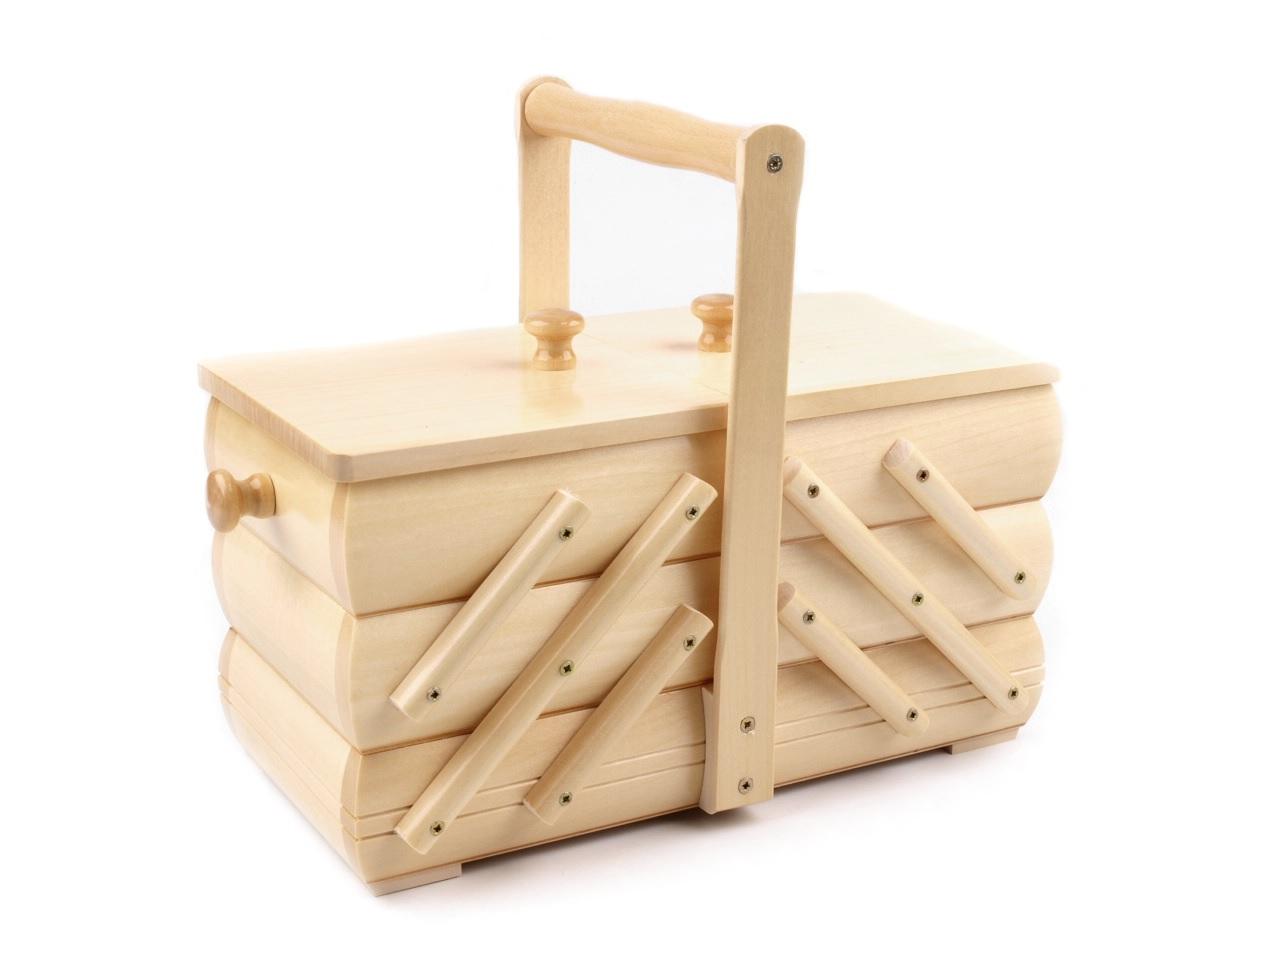 košík - kazeta na šicí potřeby rozkládací,velký,přírodní